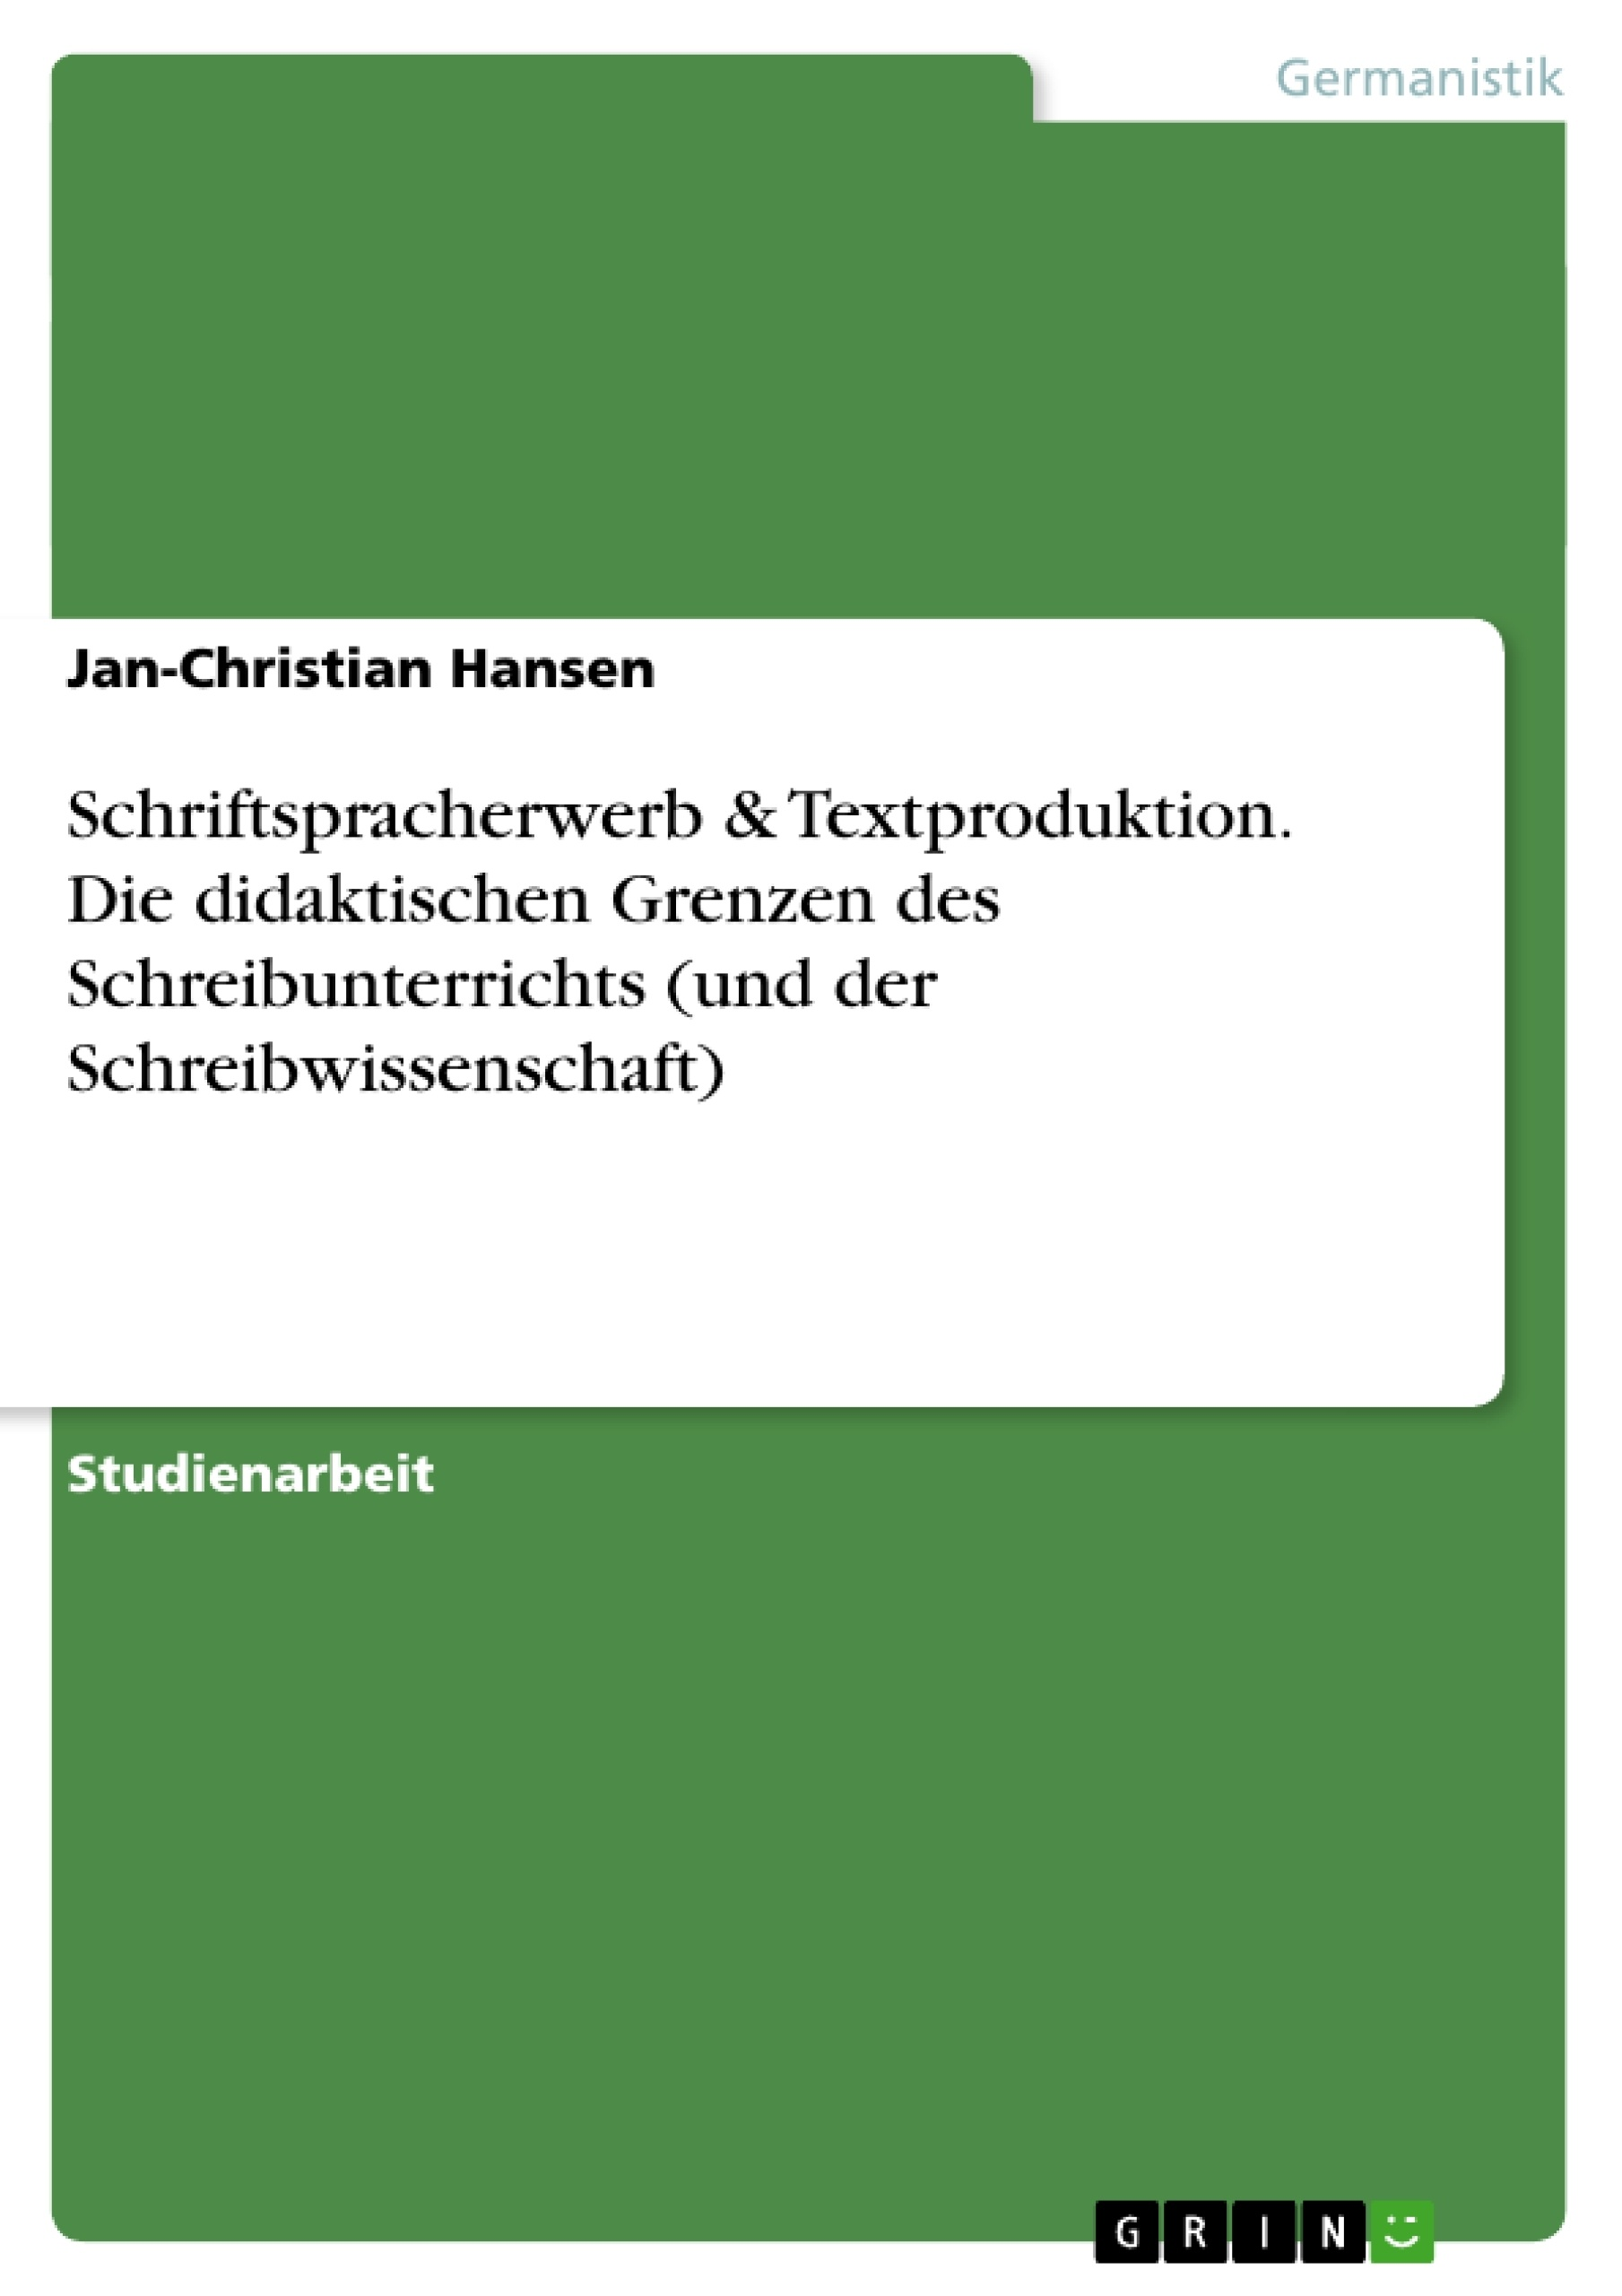 Titel: Schriftspracherwerb & Textproduktion. Die didaktischen Grenzen des Schreibunterrichts (und der Schreibwissenschaft)